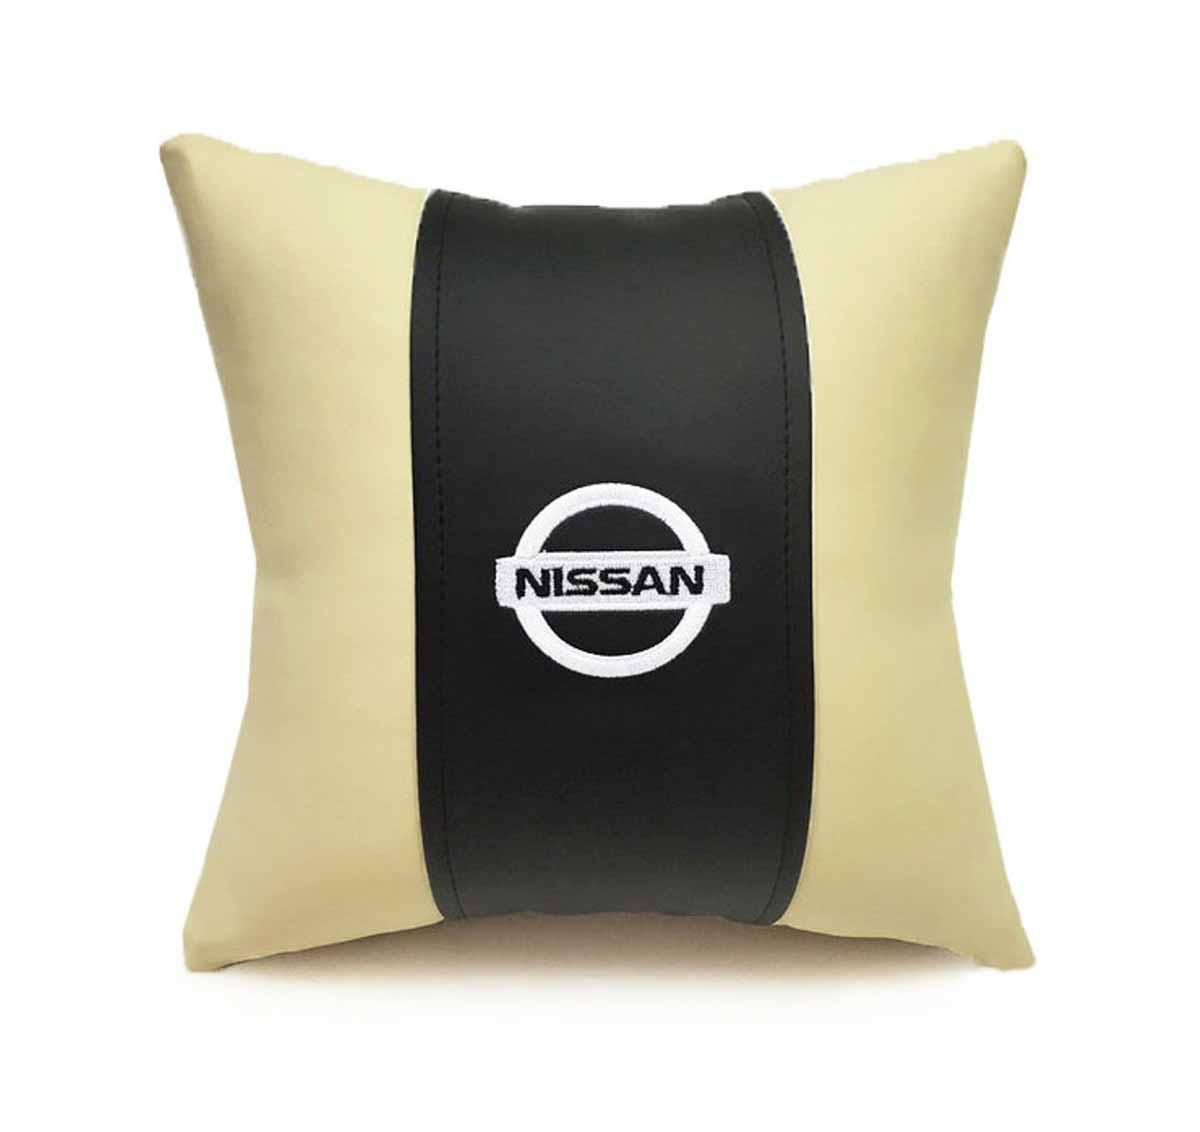 Подушка декоративная Auto Premium Nissan, цвет: черный, бежевый подушка на подголовник auto premium nissan цвет бежевый 37583